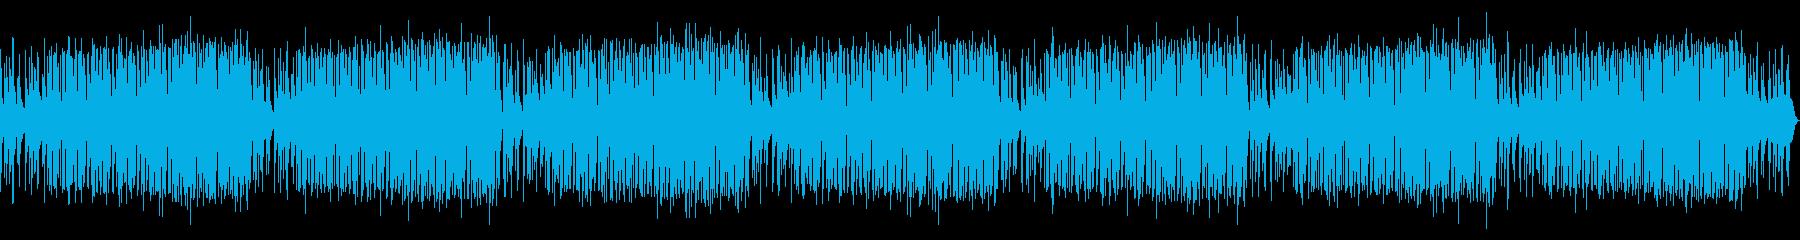 チルアウト、ローファイ、リラックス、CMの再生済みの波形